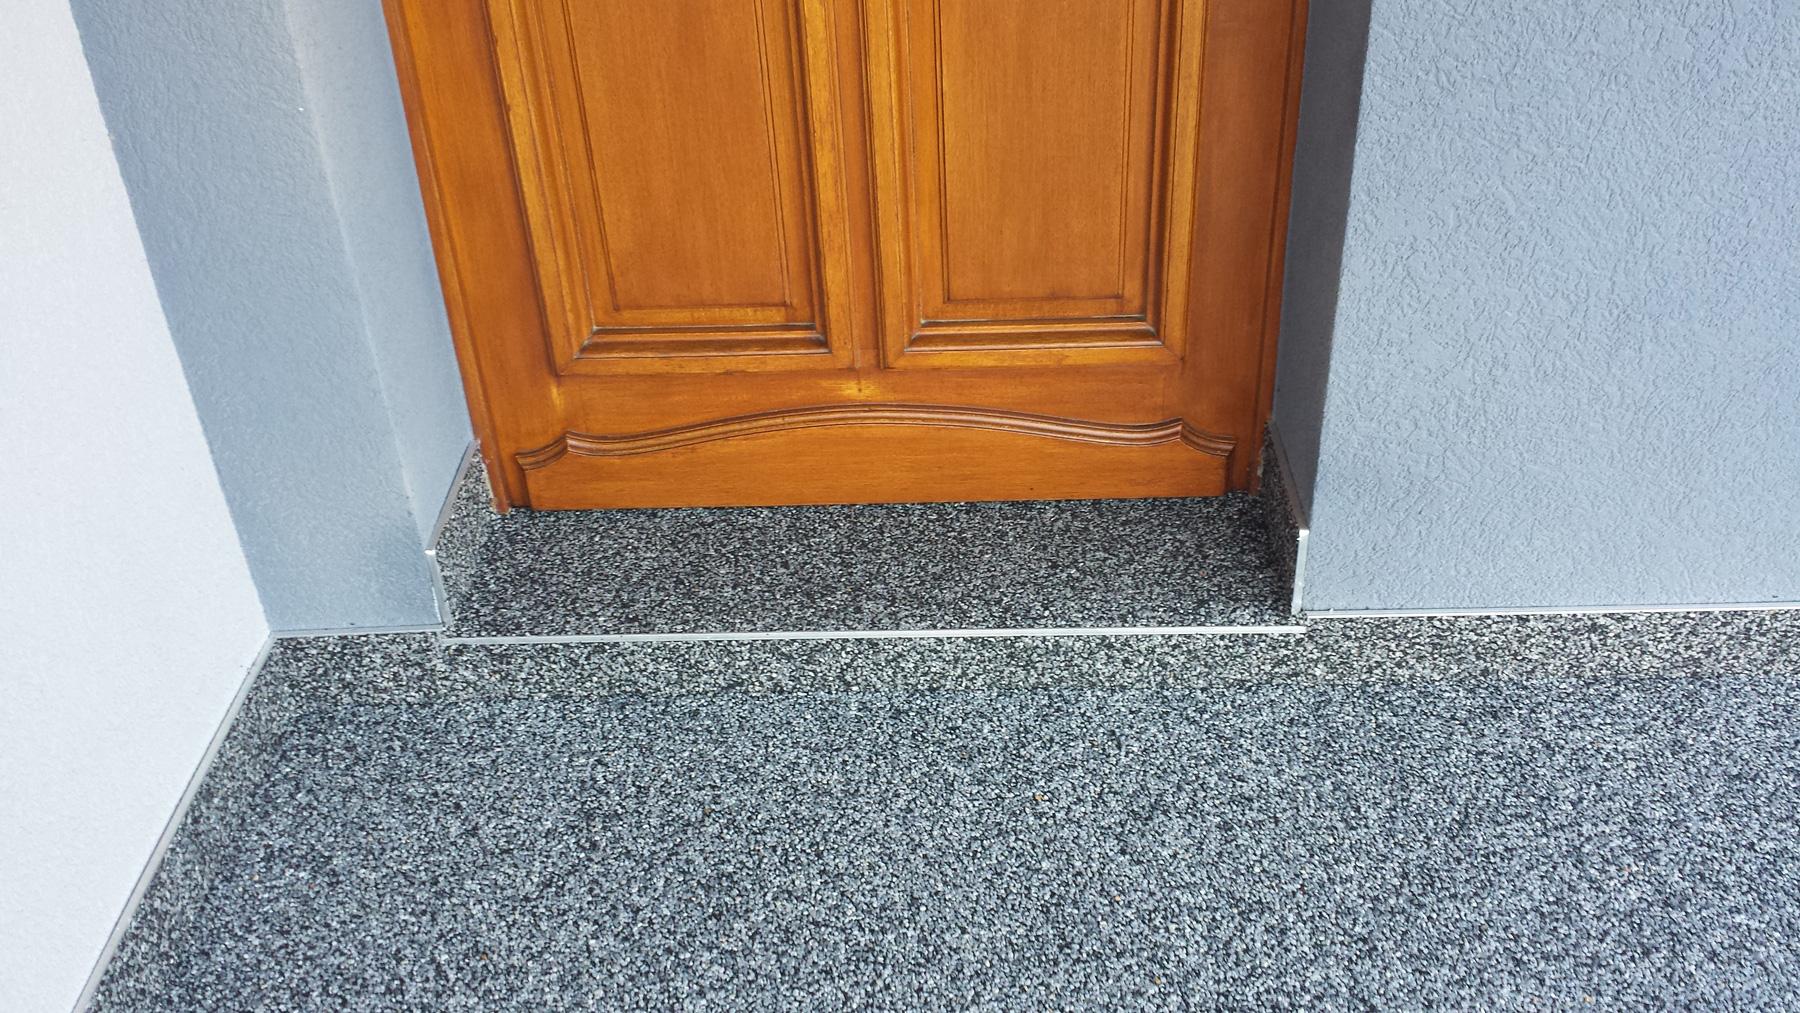 troesch - moquette pierre entrée maison - 11